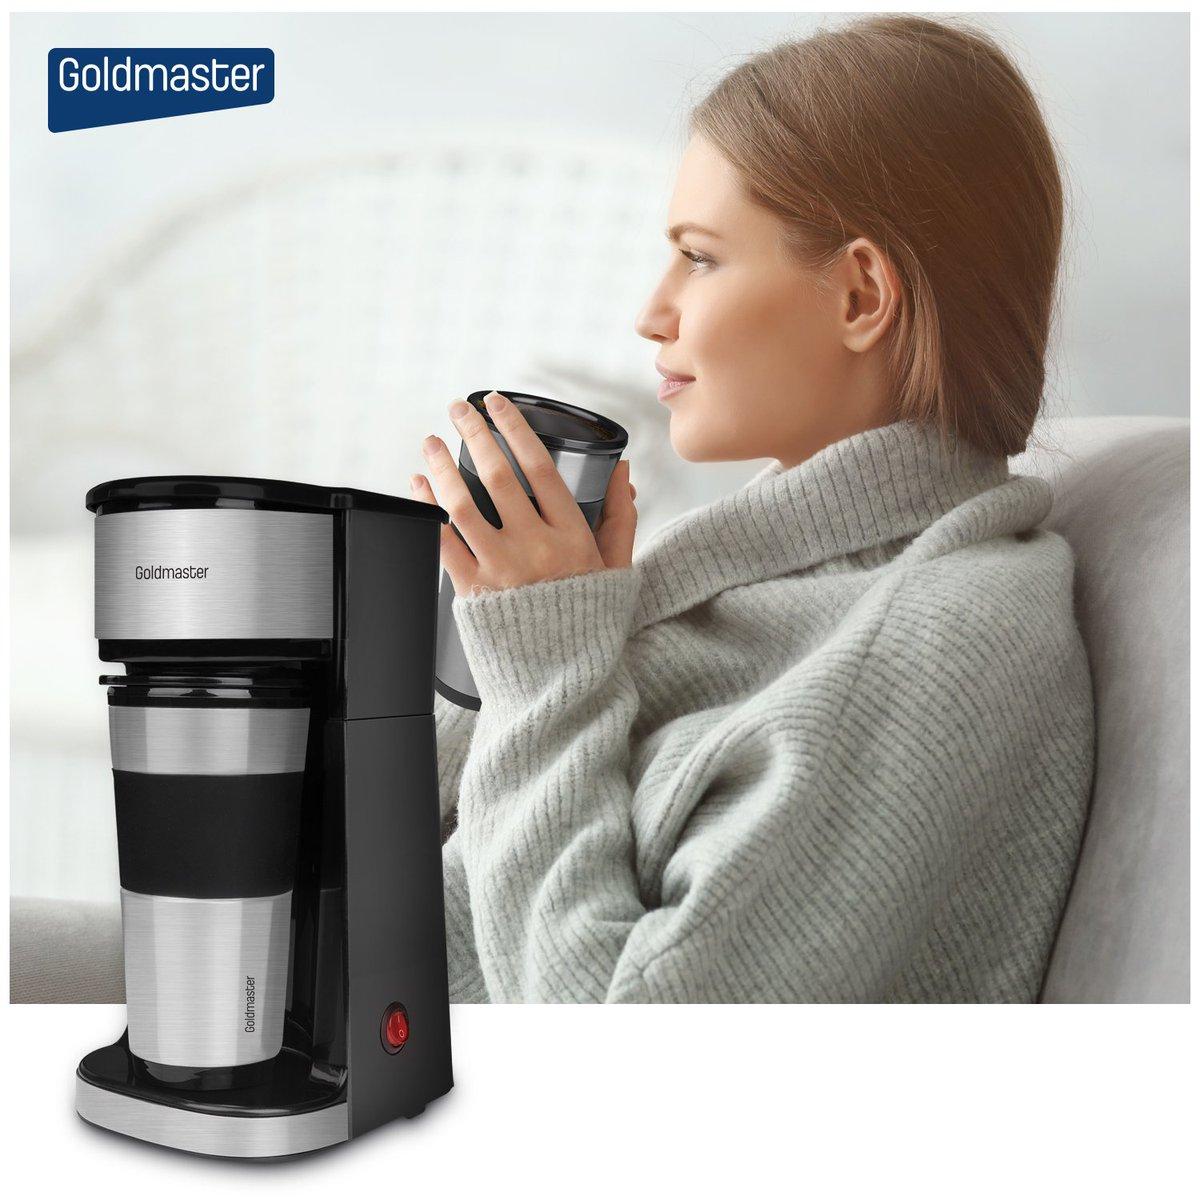 Termoslu seyahat bardağı ile birlikte evde, ofiste, yürüyüşte ve sporda keyifle yudumlamanız için leziz kahveler yapan Perfectto Kahve Makinesi sizinle! #goldmaster #mutfakesyası #kahve #filtrekahve #filtre #fitrekahvemakinası #kucukevaletleri #mutfak #indirim #ceyiz https://t.co/V4qFVGopZy